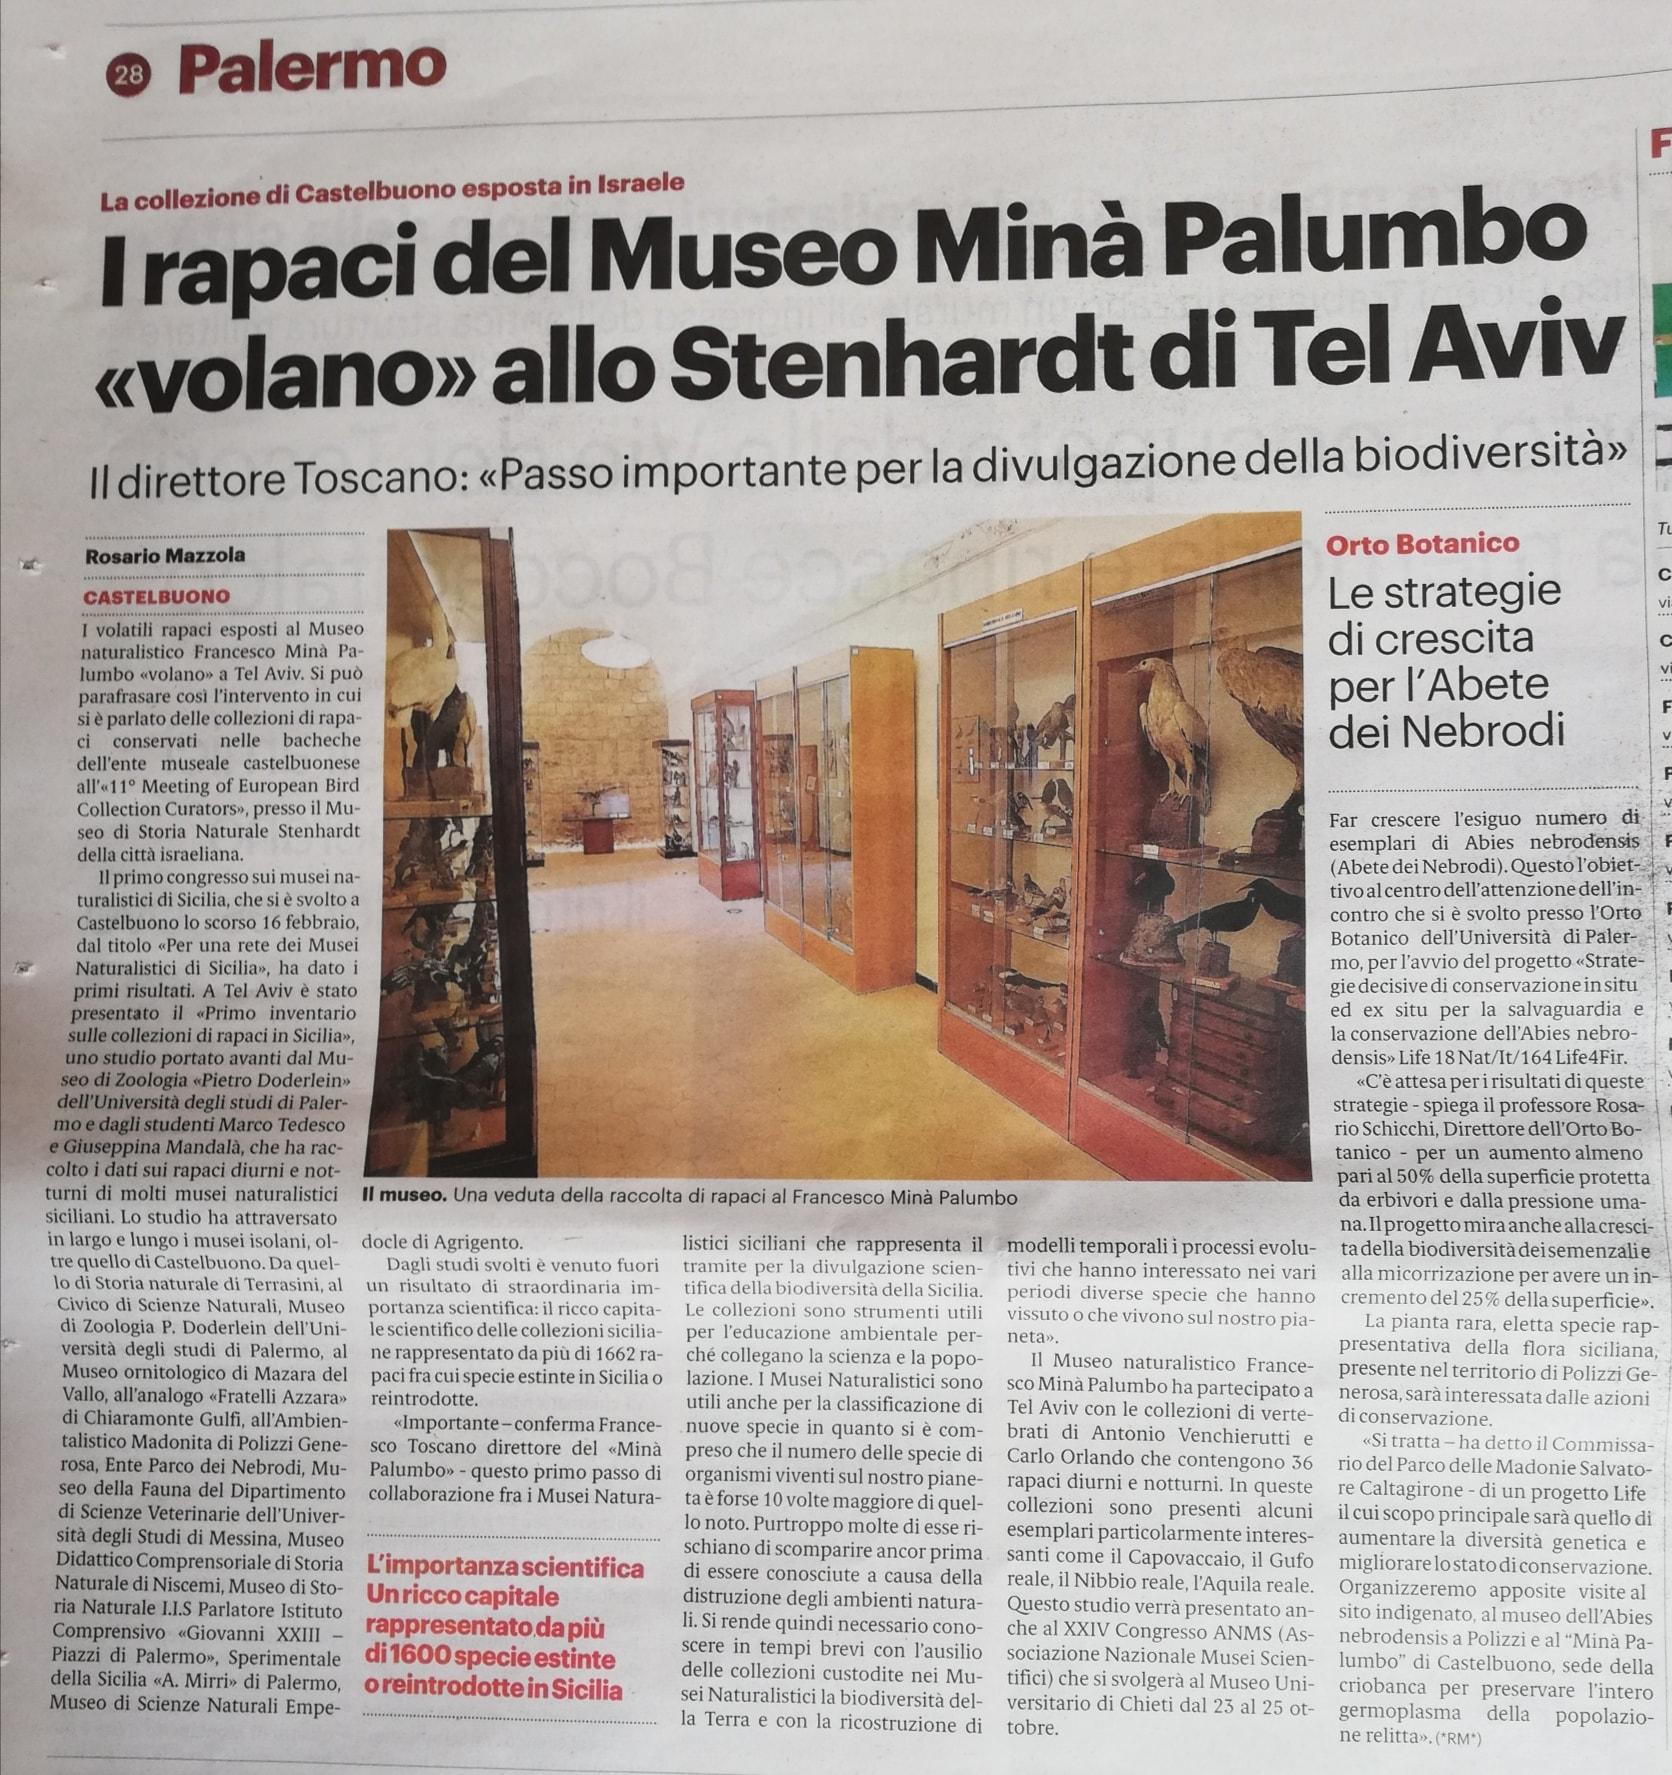 Studio sui rapaci di Sicilia presentato a Tel Aviv